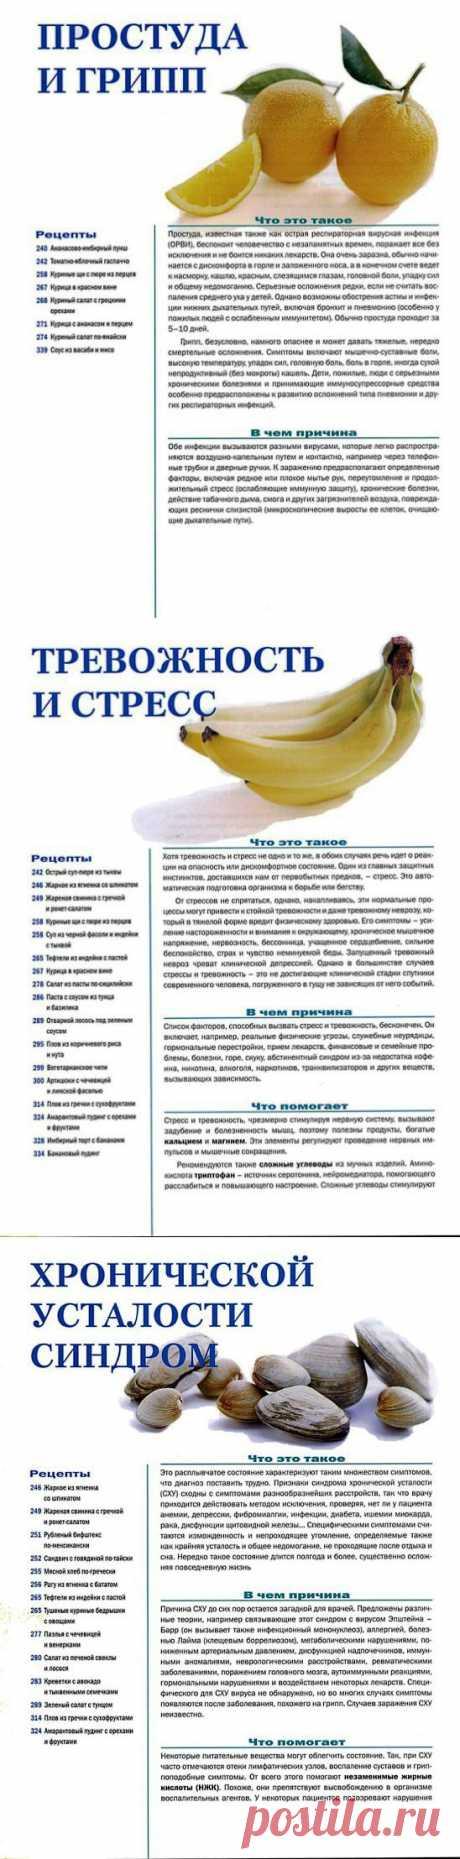 Книга о здоровье и о здоровом питании..